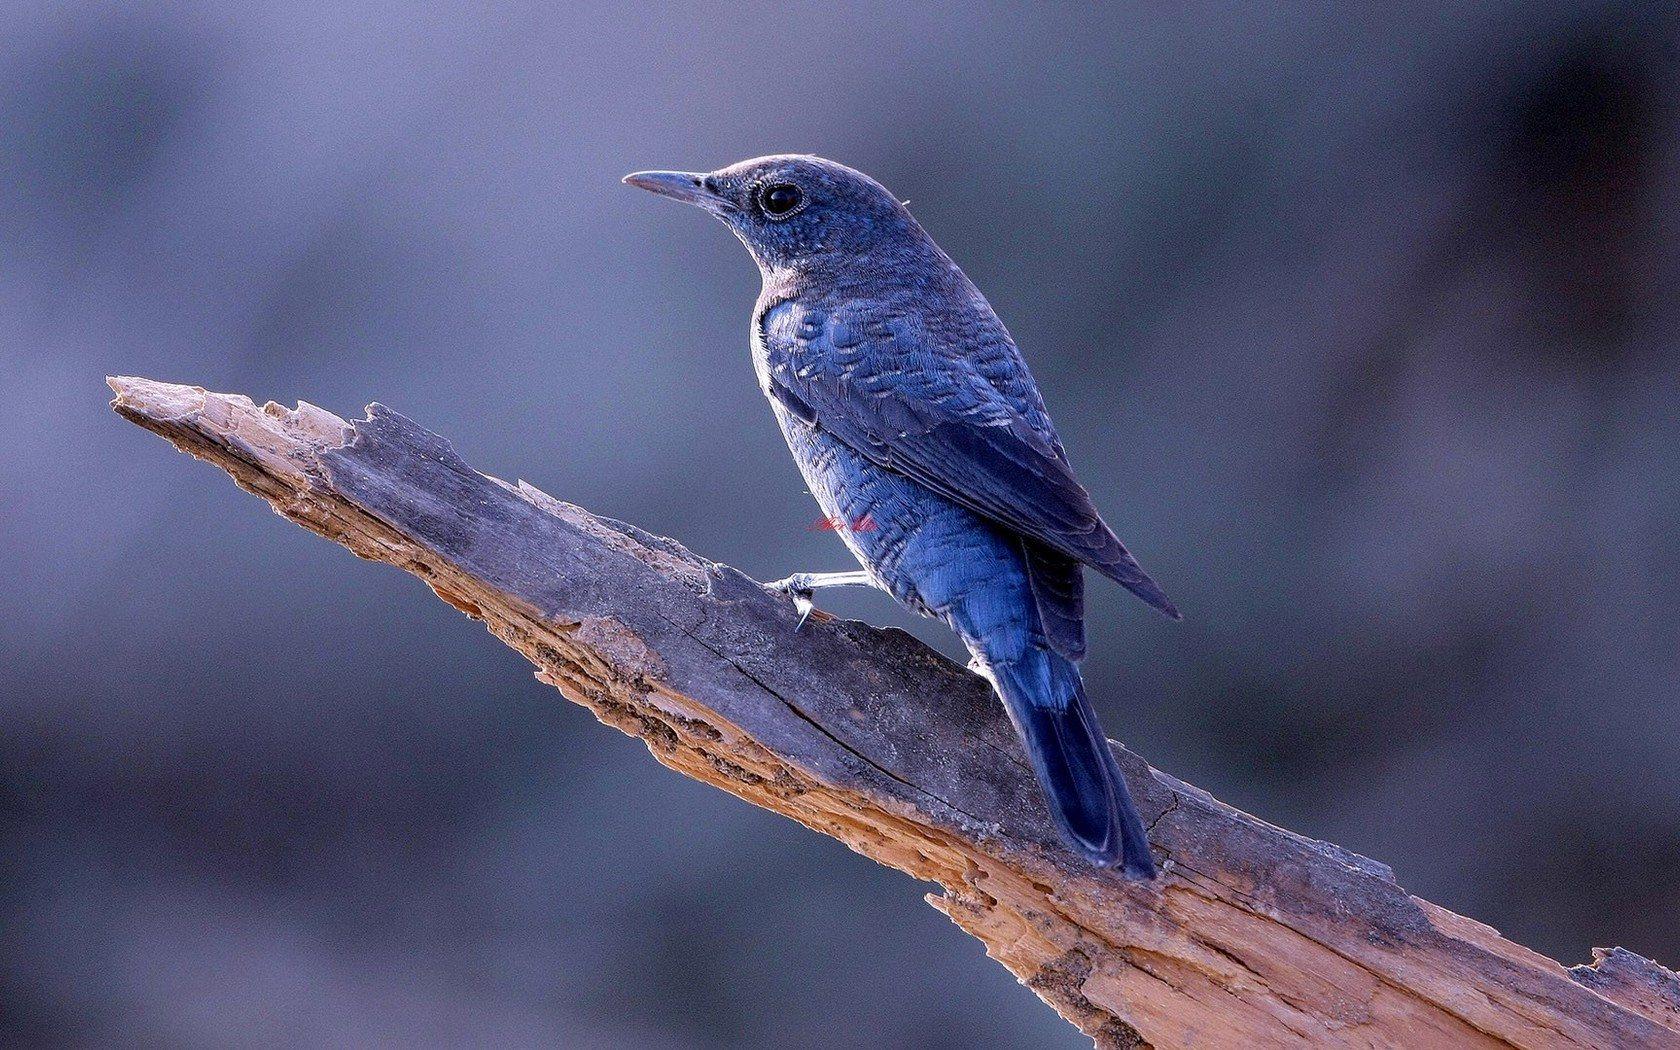 Blue Bird on Tree Widescreen HD Wallpaper 1680x1050